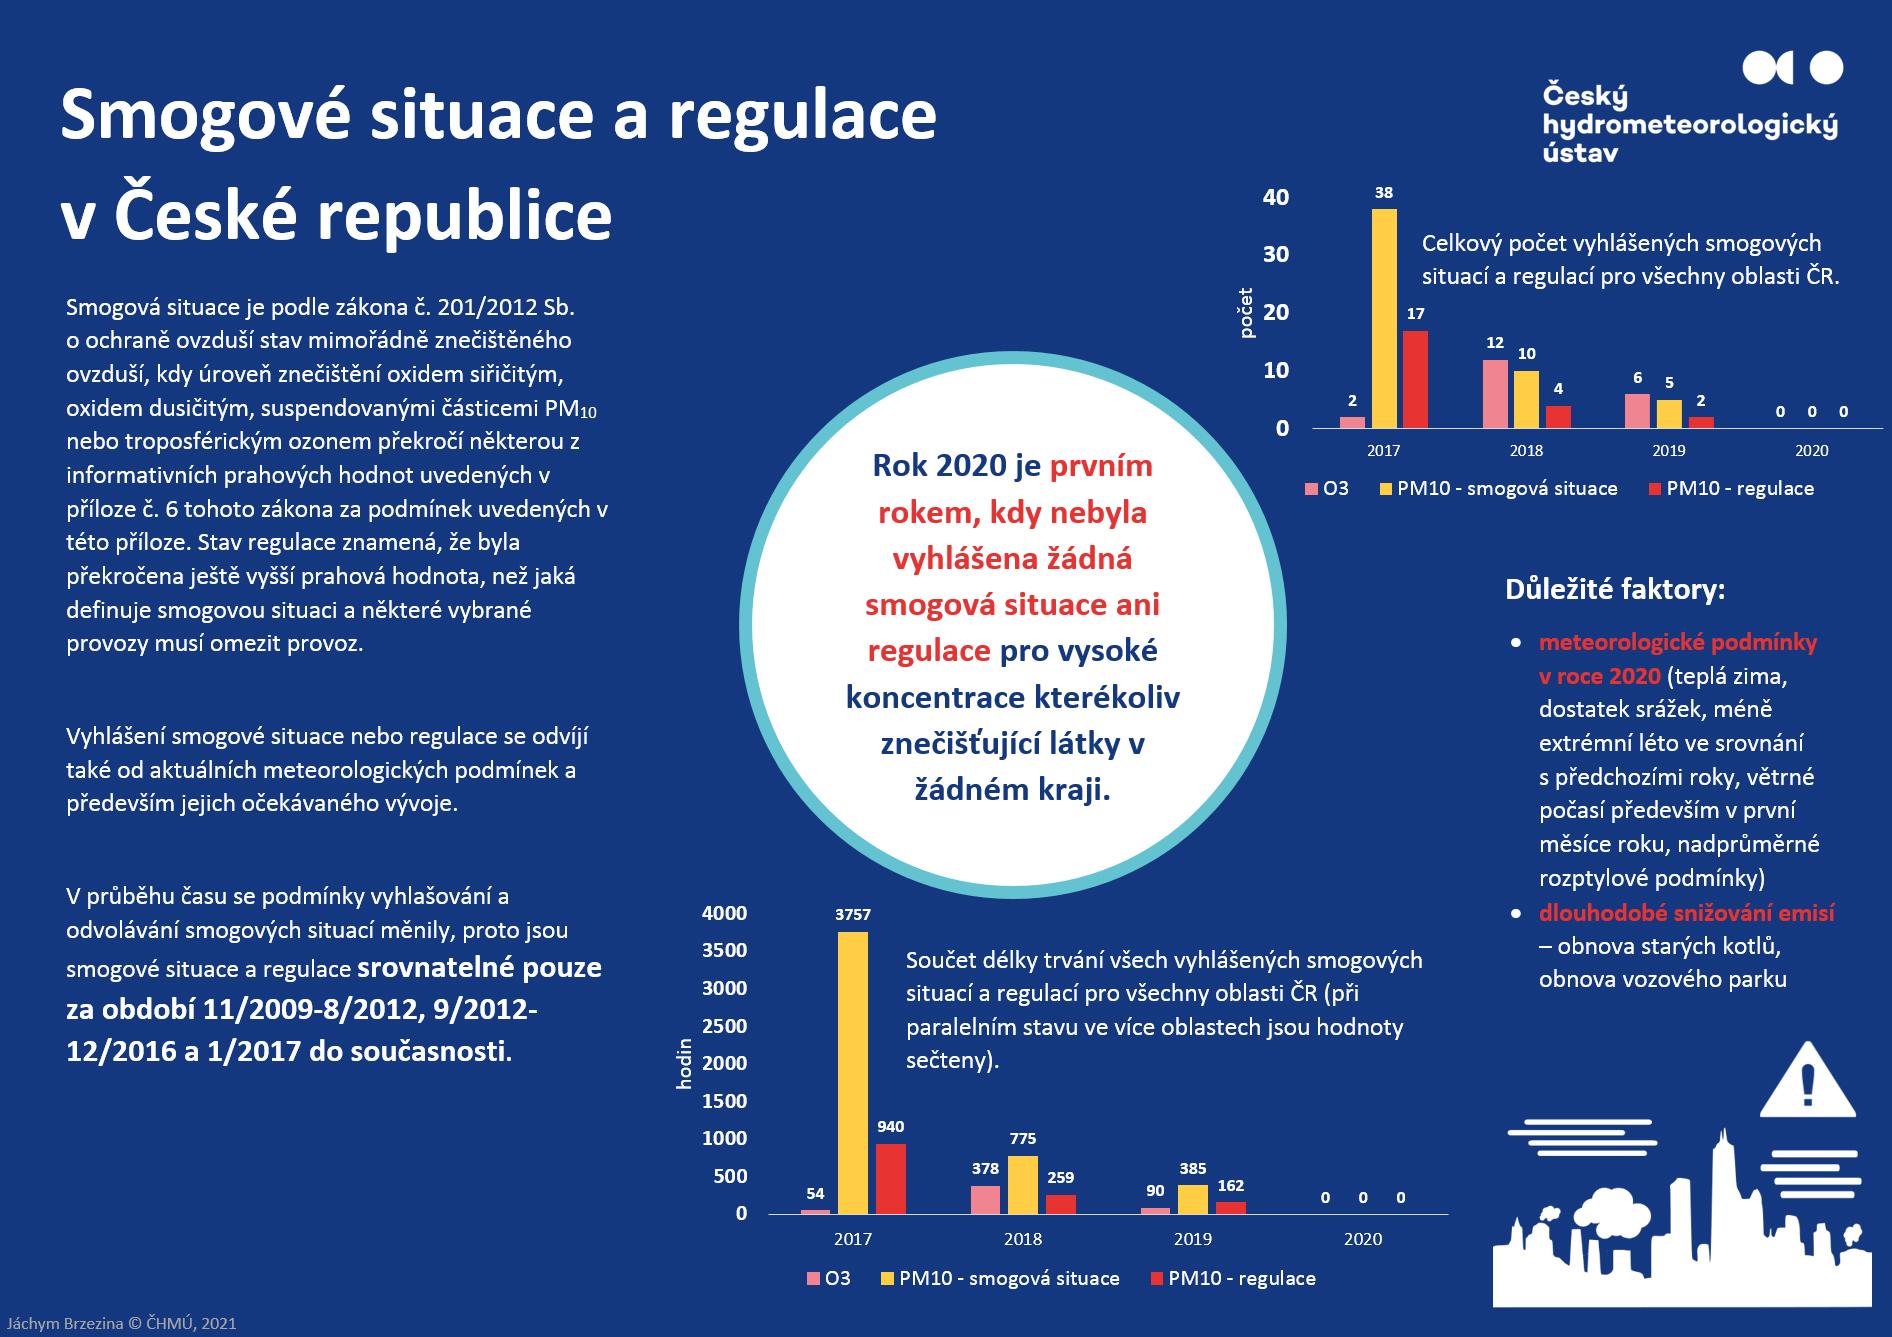 Rok 2020 – poprvé v historii nebyla v celé republice vyhlášena ani jedna smogová situace či regulace!3 min čtení